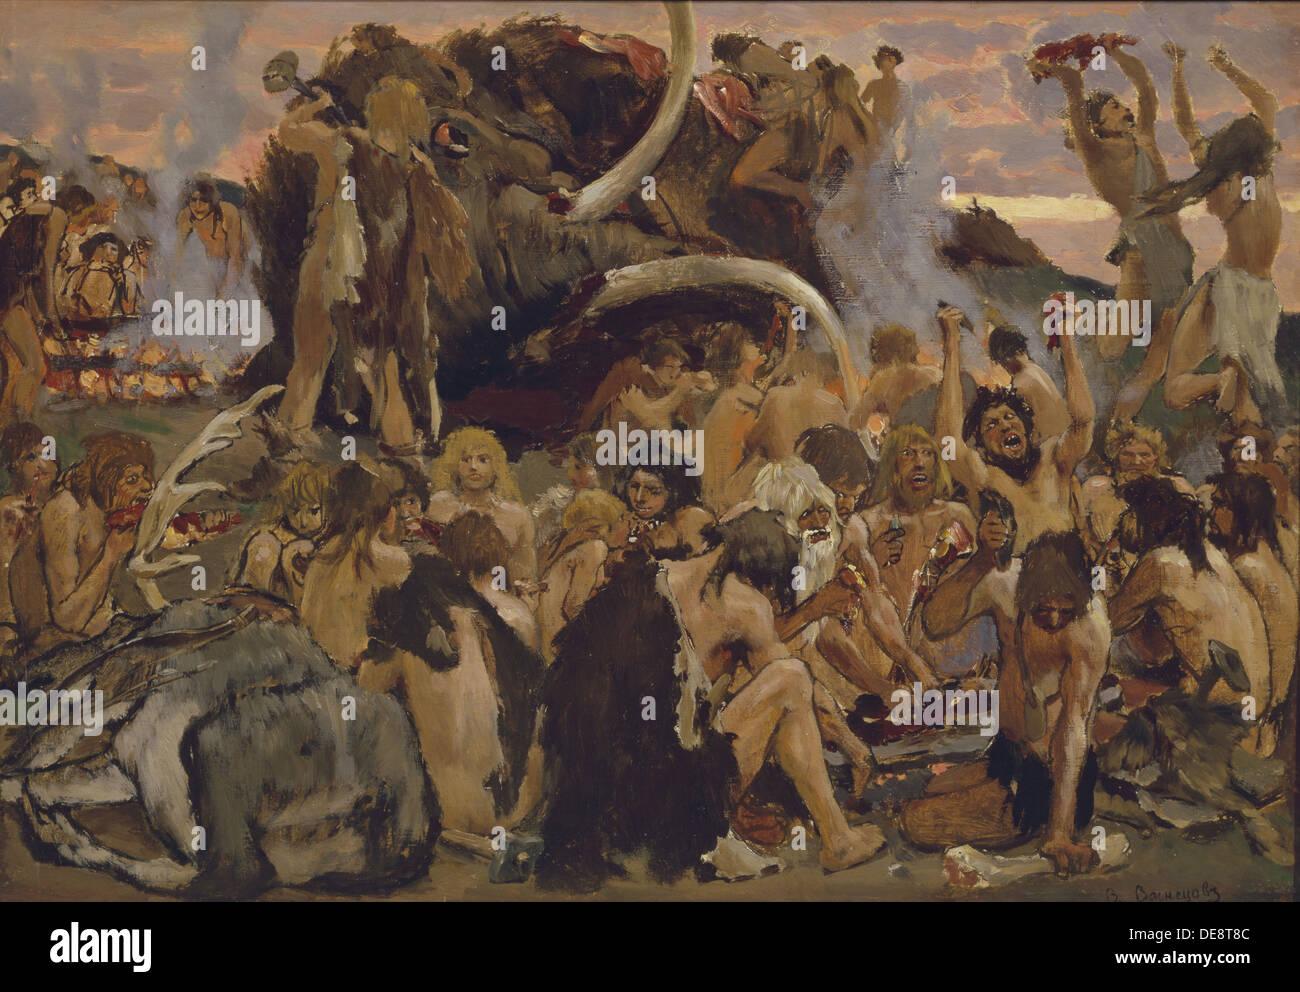 The Stone Age A Feast 1883 Artist Vasnetsov Viktor